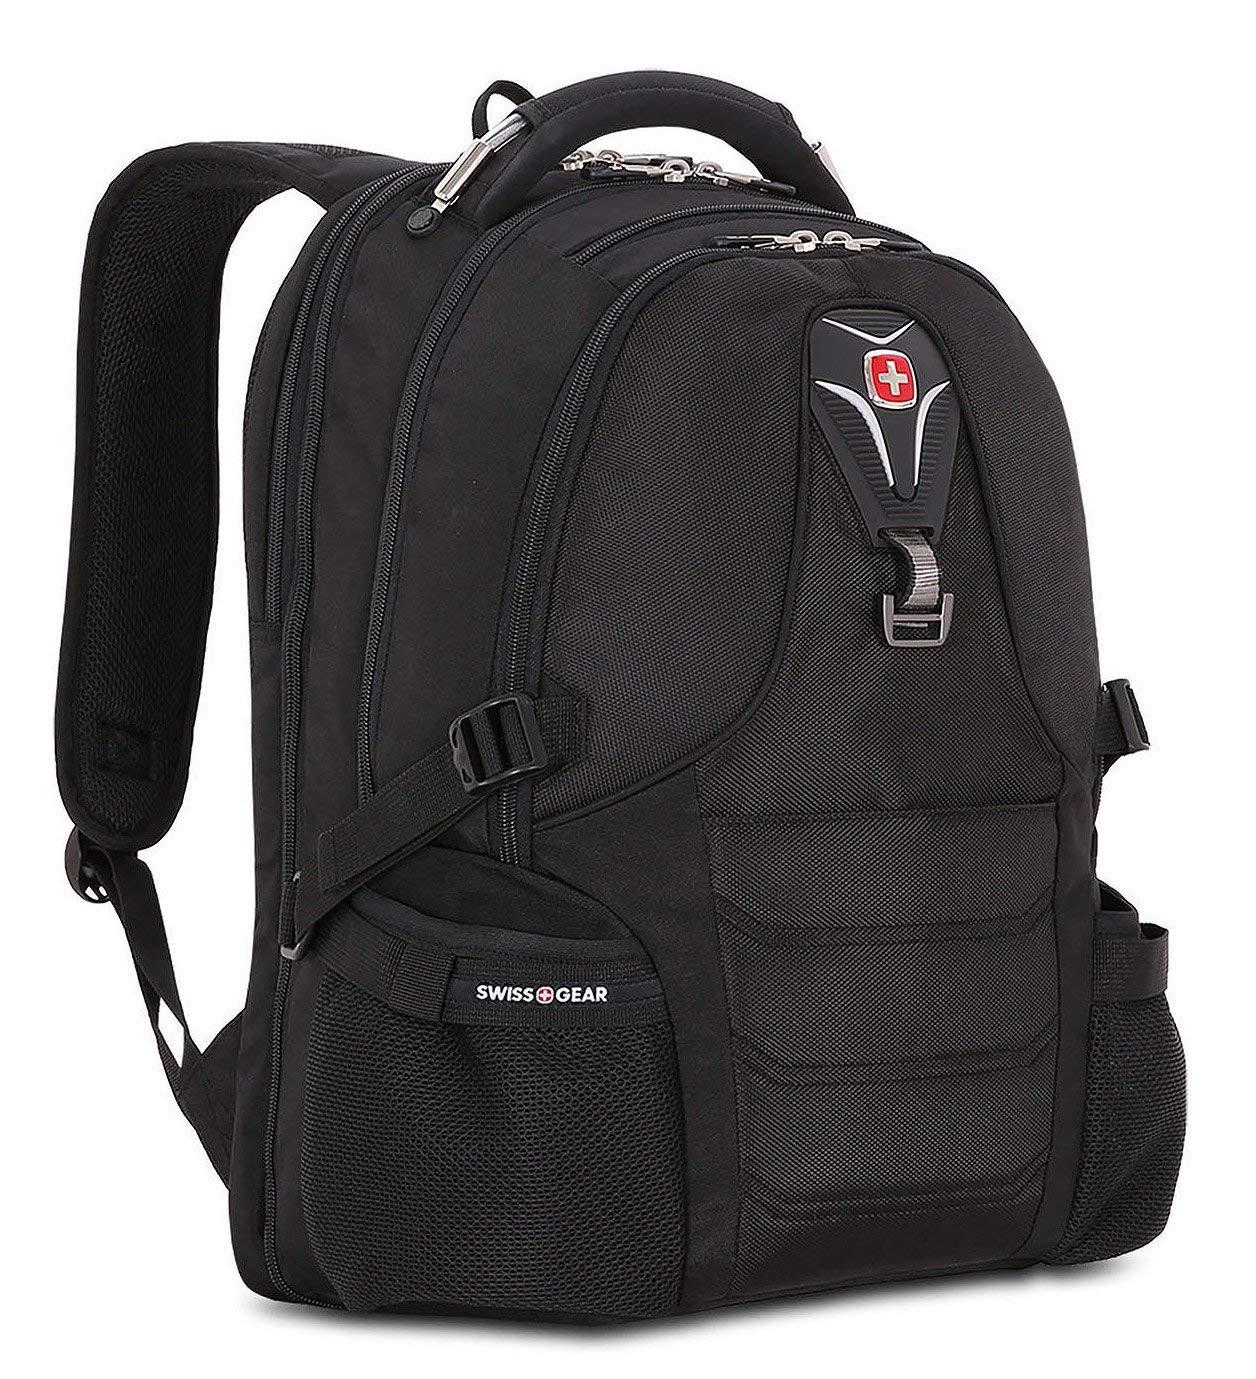 Cheap Swiss Gear 17 Laptop Bag Find Swiss Gear 17 Laptop